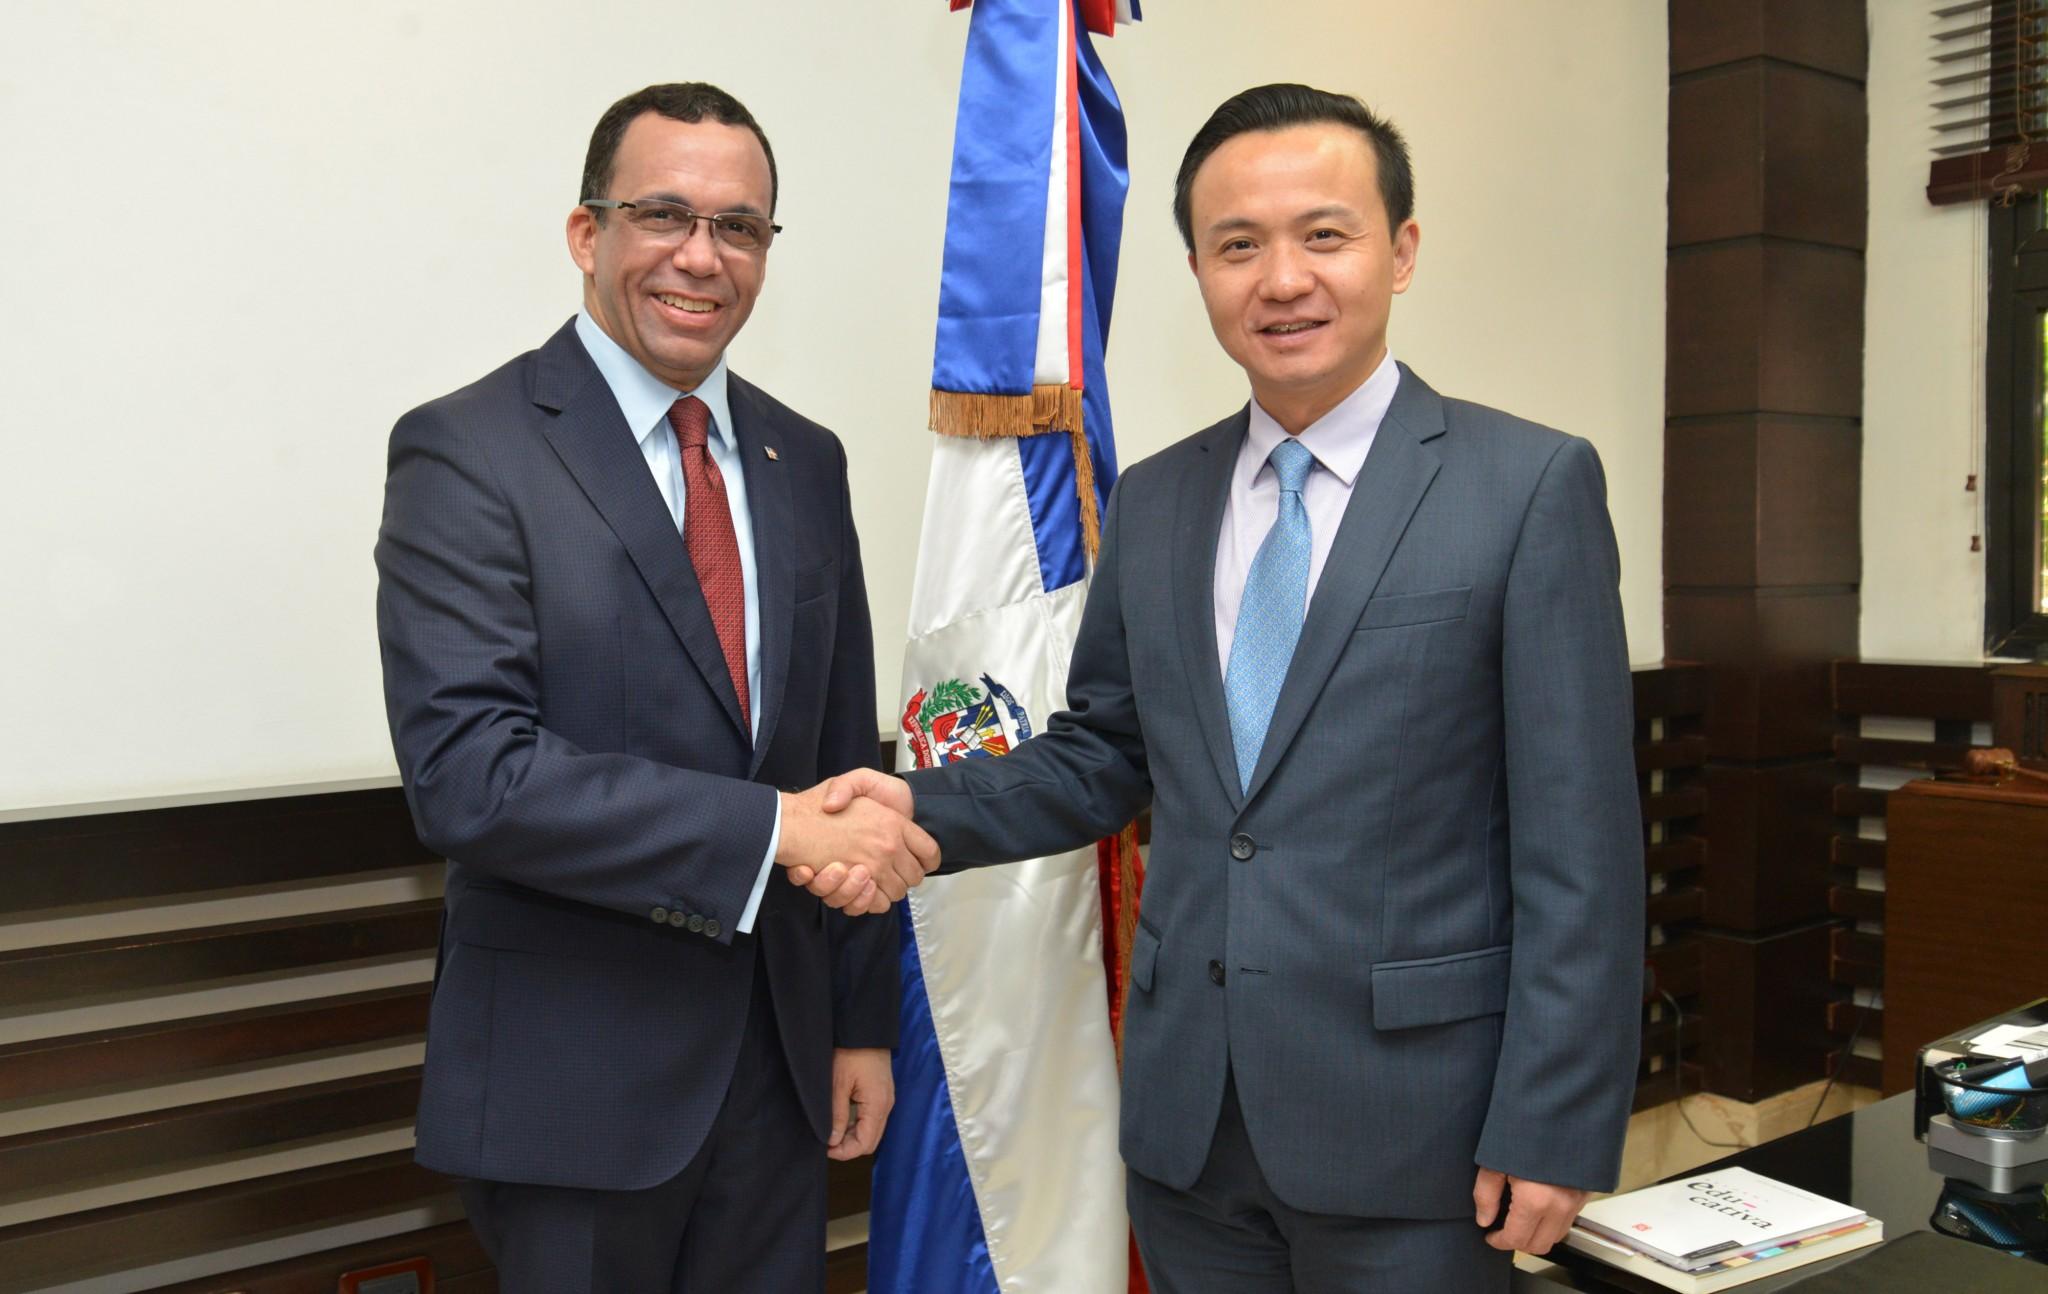 Ministro de educacion junto a embajador chino